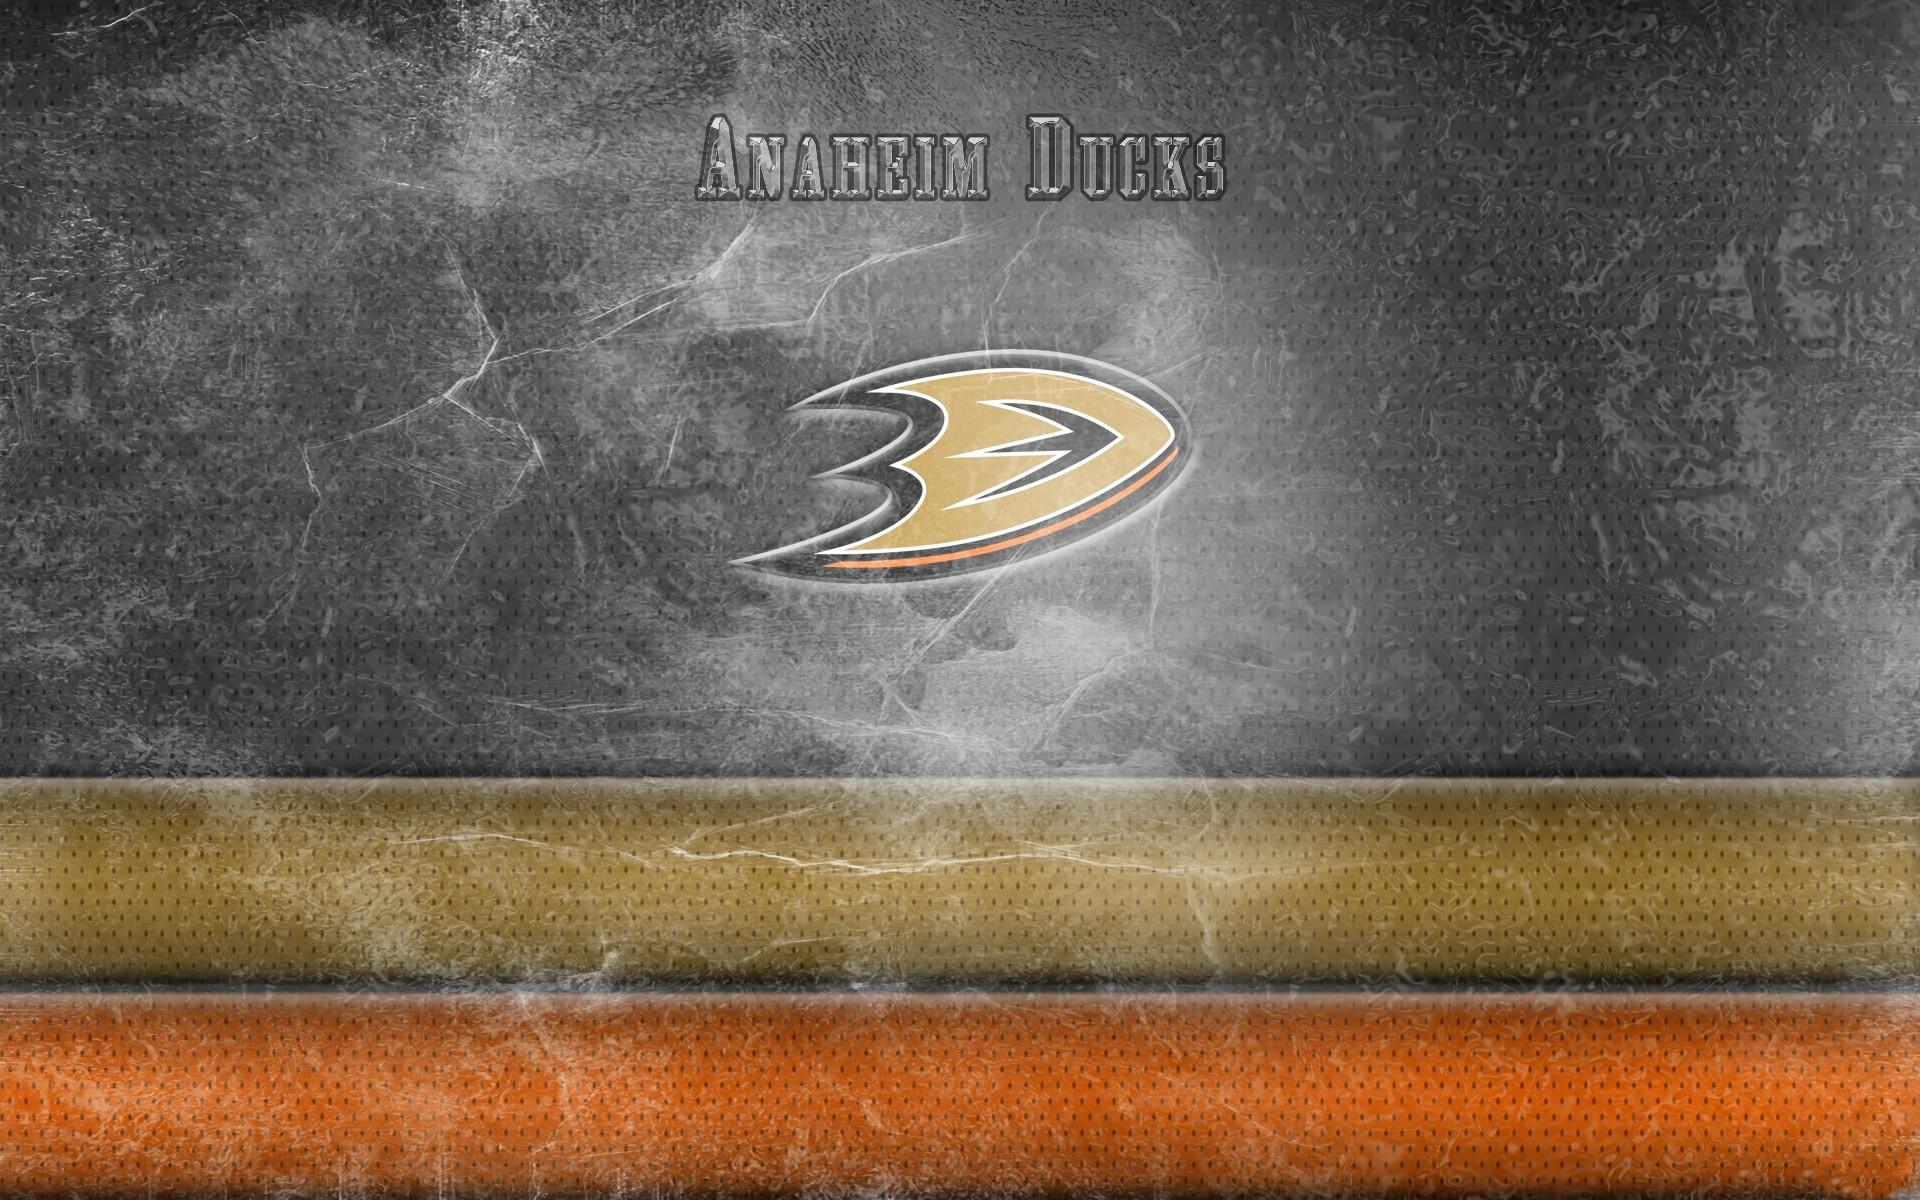 Anaheim Ducks HD Background.